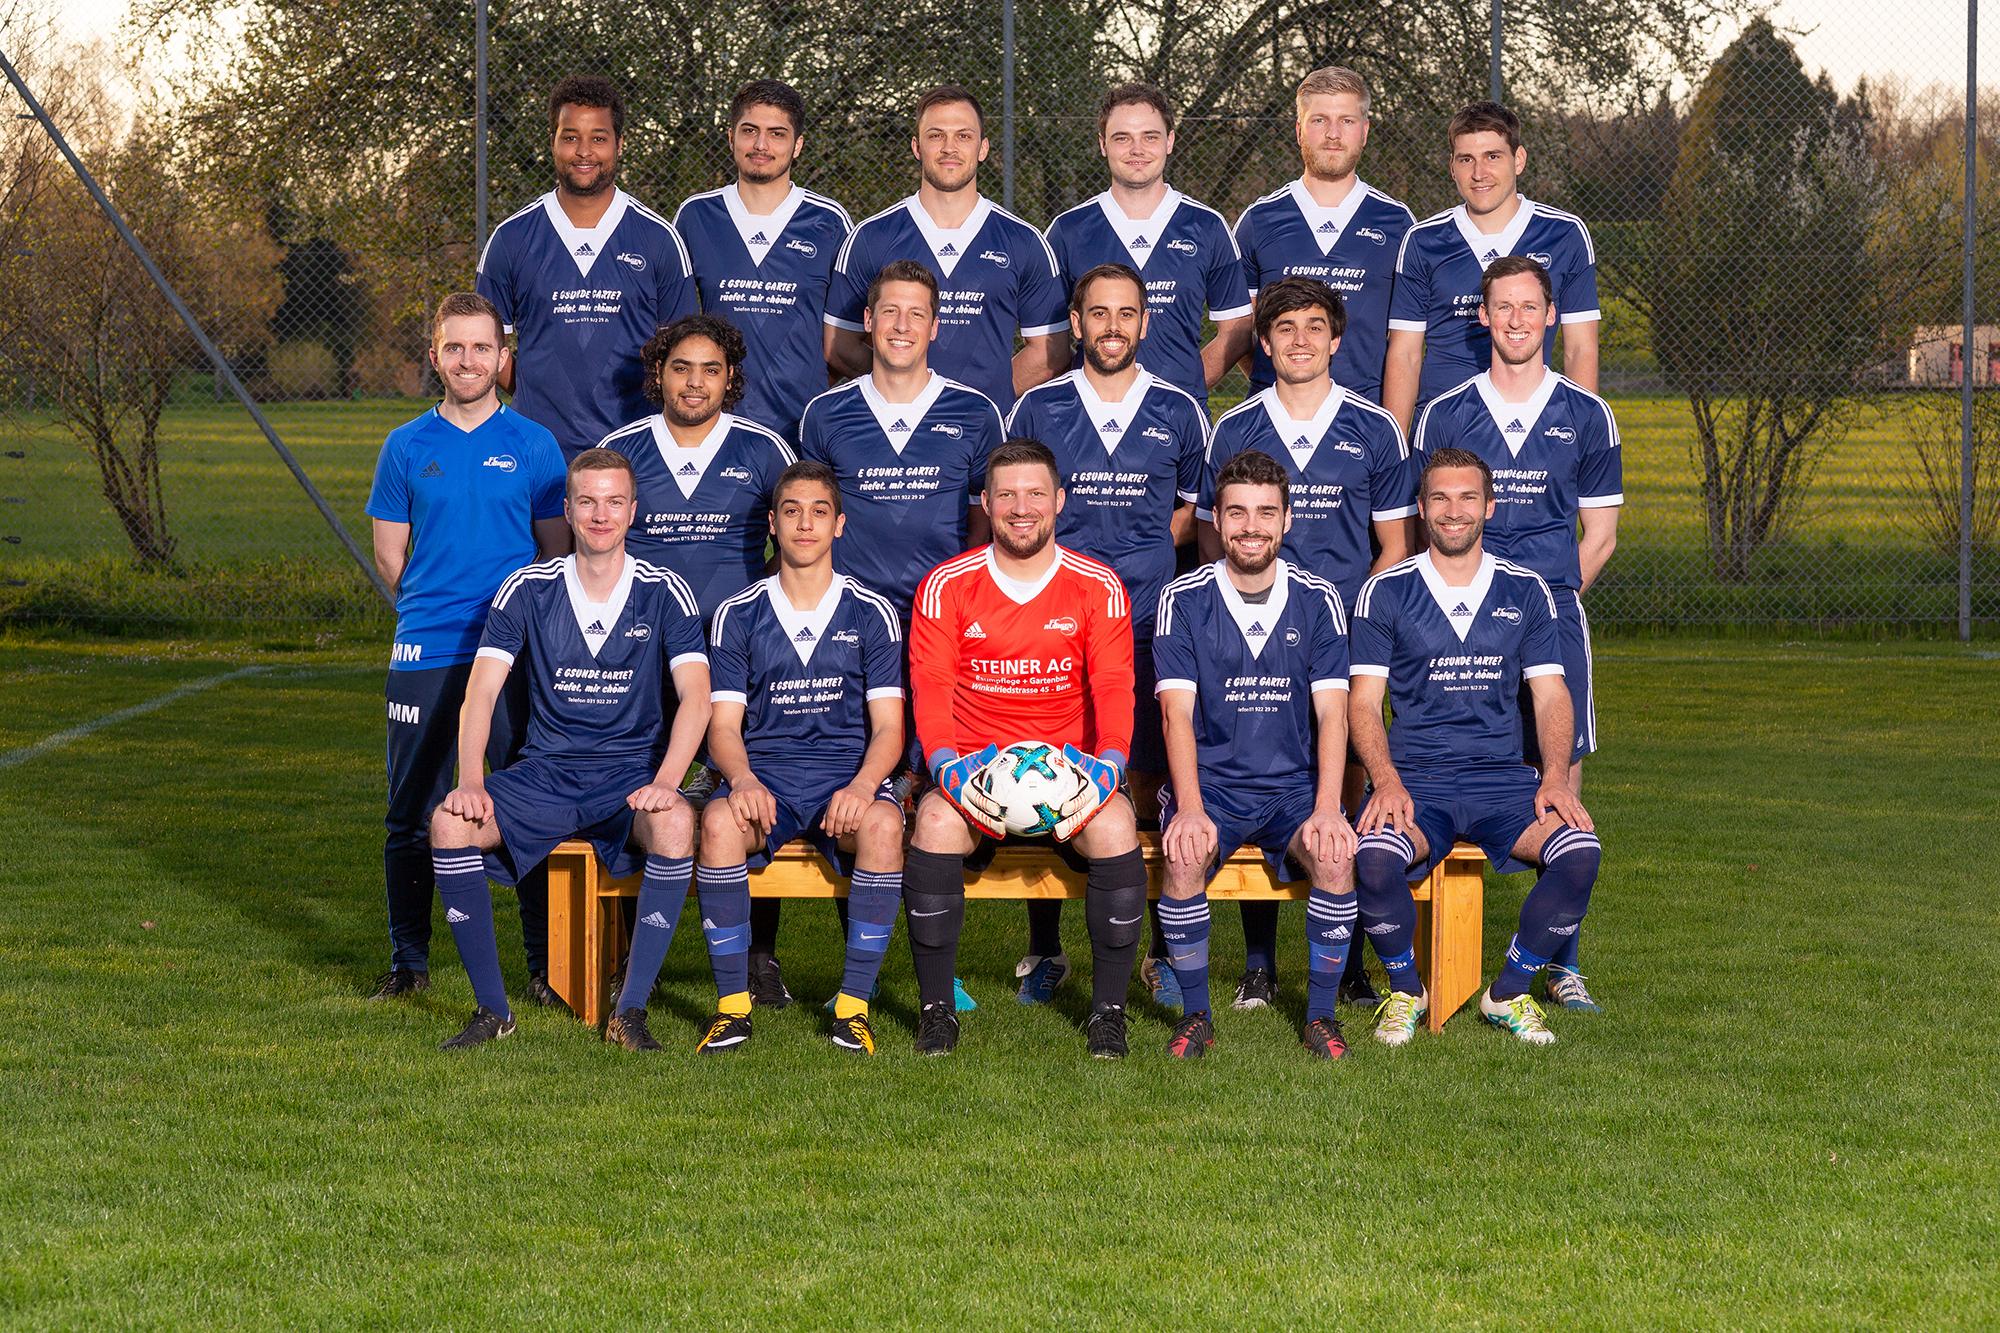 zweite Mannschaft.jpg